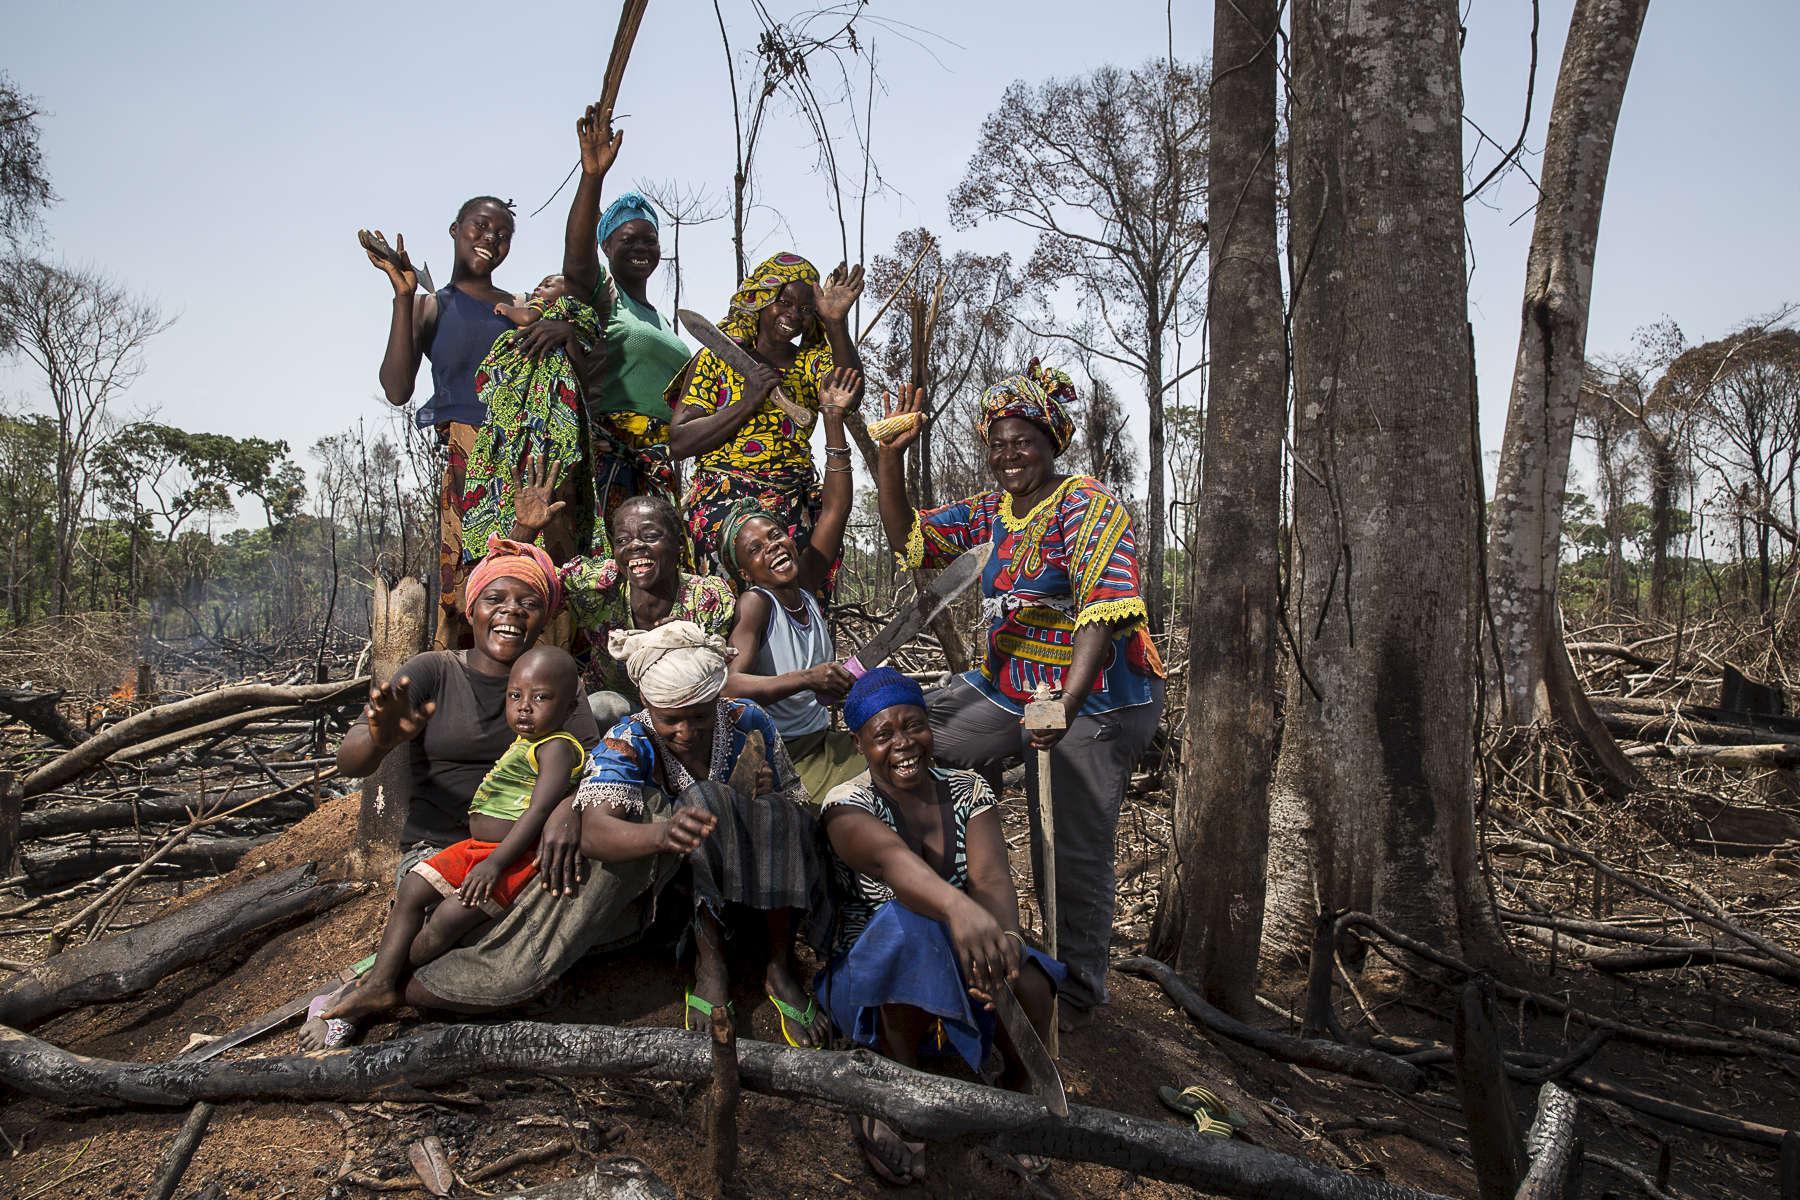 RDC, mai 2015. Soeur Angélique Namaika lauréate du Prix Nansel du Haut Commissariat de L' ONU pour les réfugiés (lUNHCR) pour son action auprès des femmes du nord de la RDC et plus particulièrement les femmes et les enfants victimes des exactions de la LRA du tristement célèbre Joseph Kony.